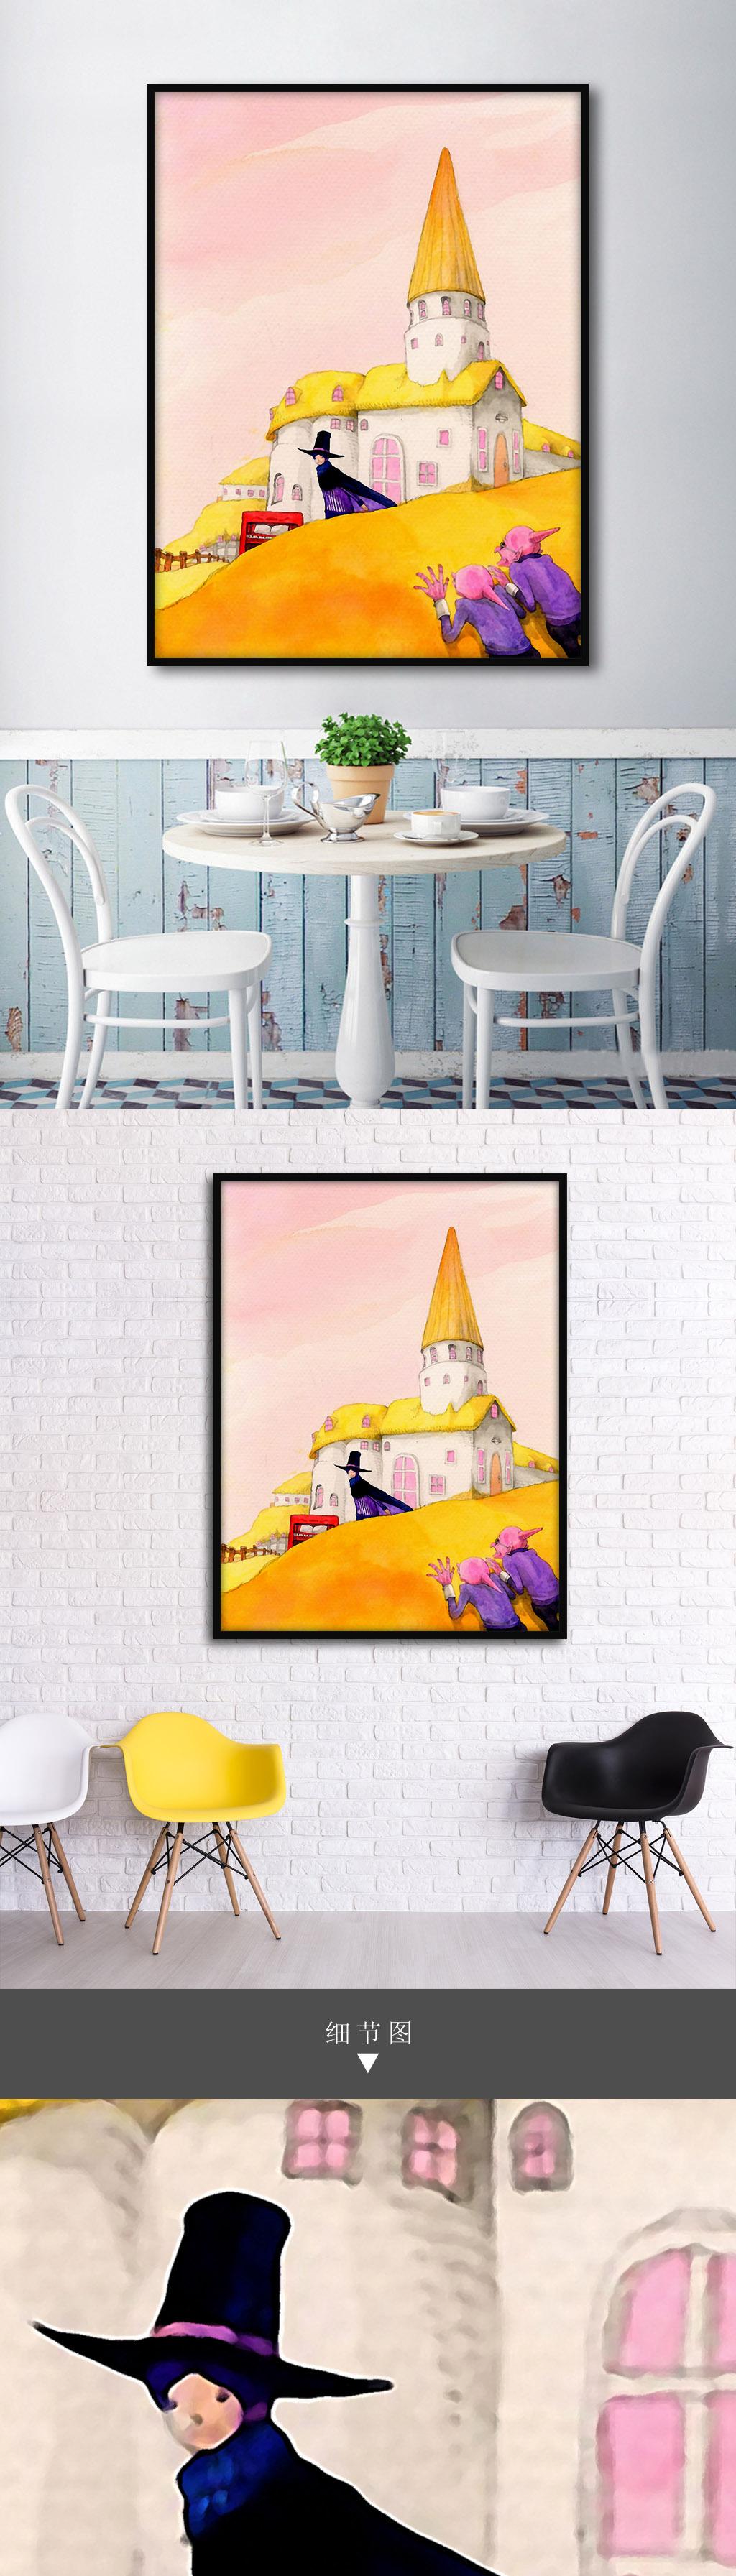 魔法师城堡丹麦童话北欧手绘欧式家居装饰画